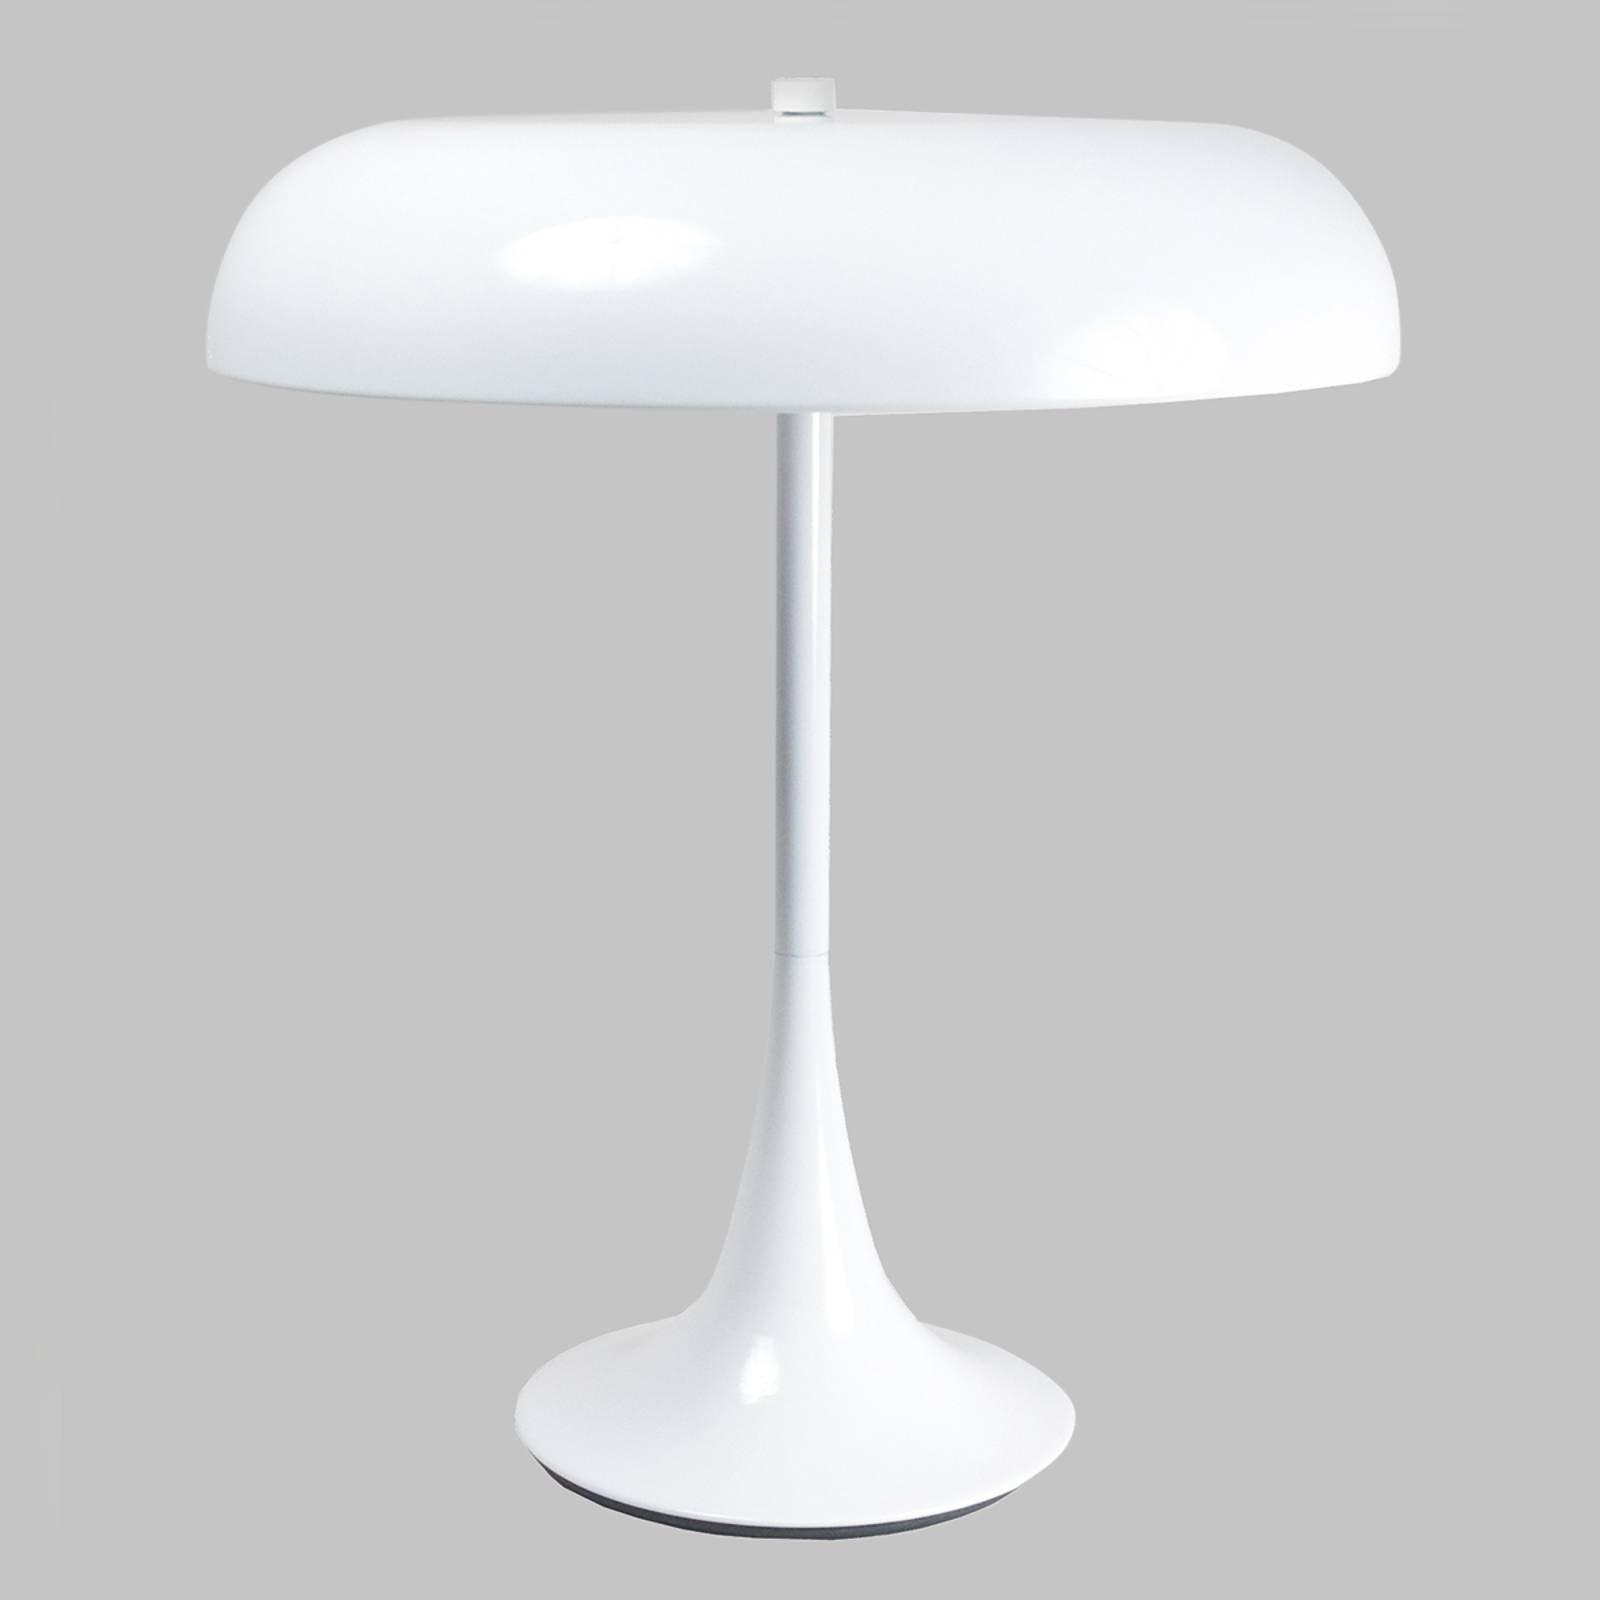 Madison hvit lakkert bordlampe